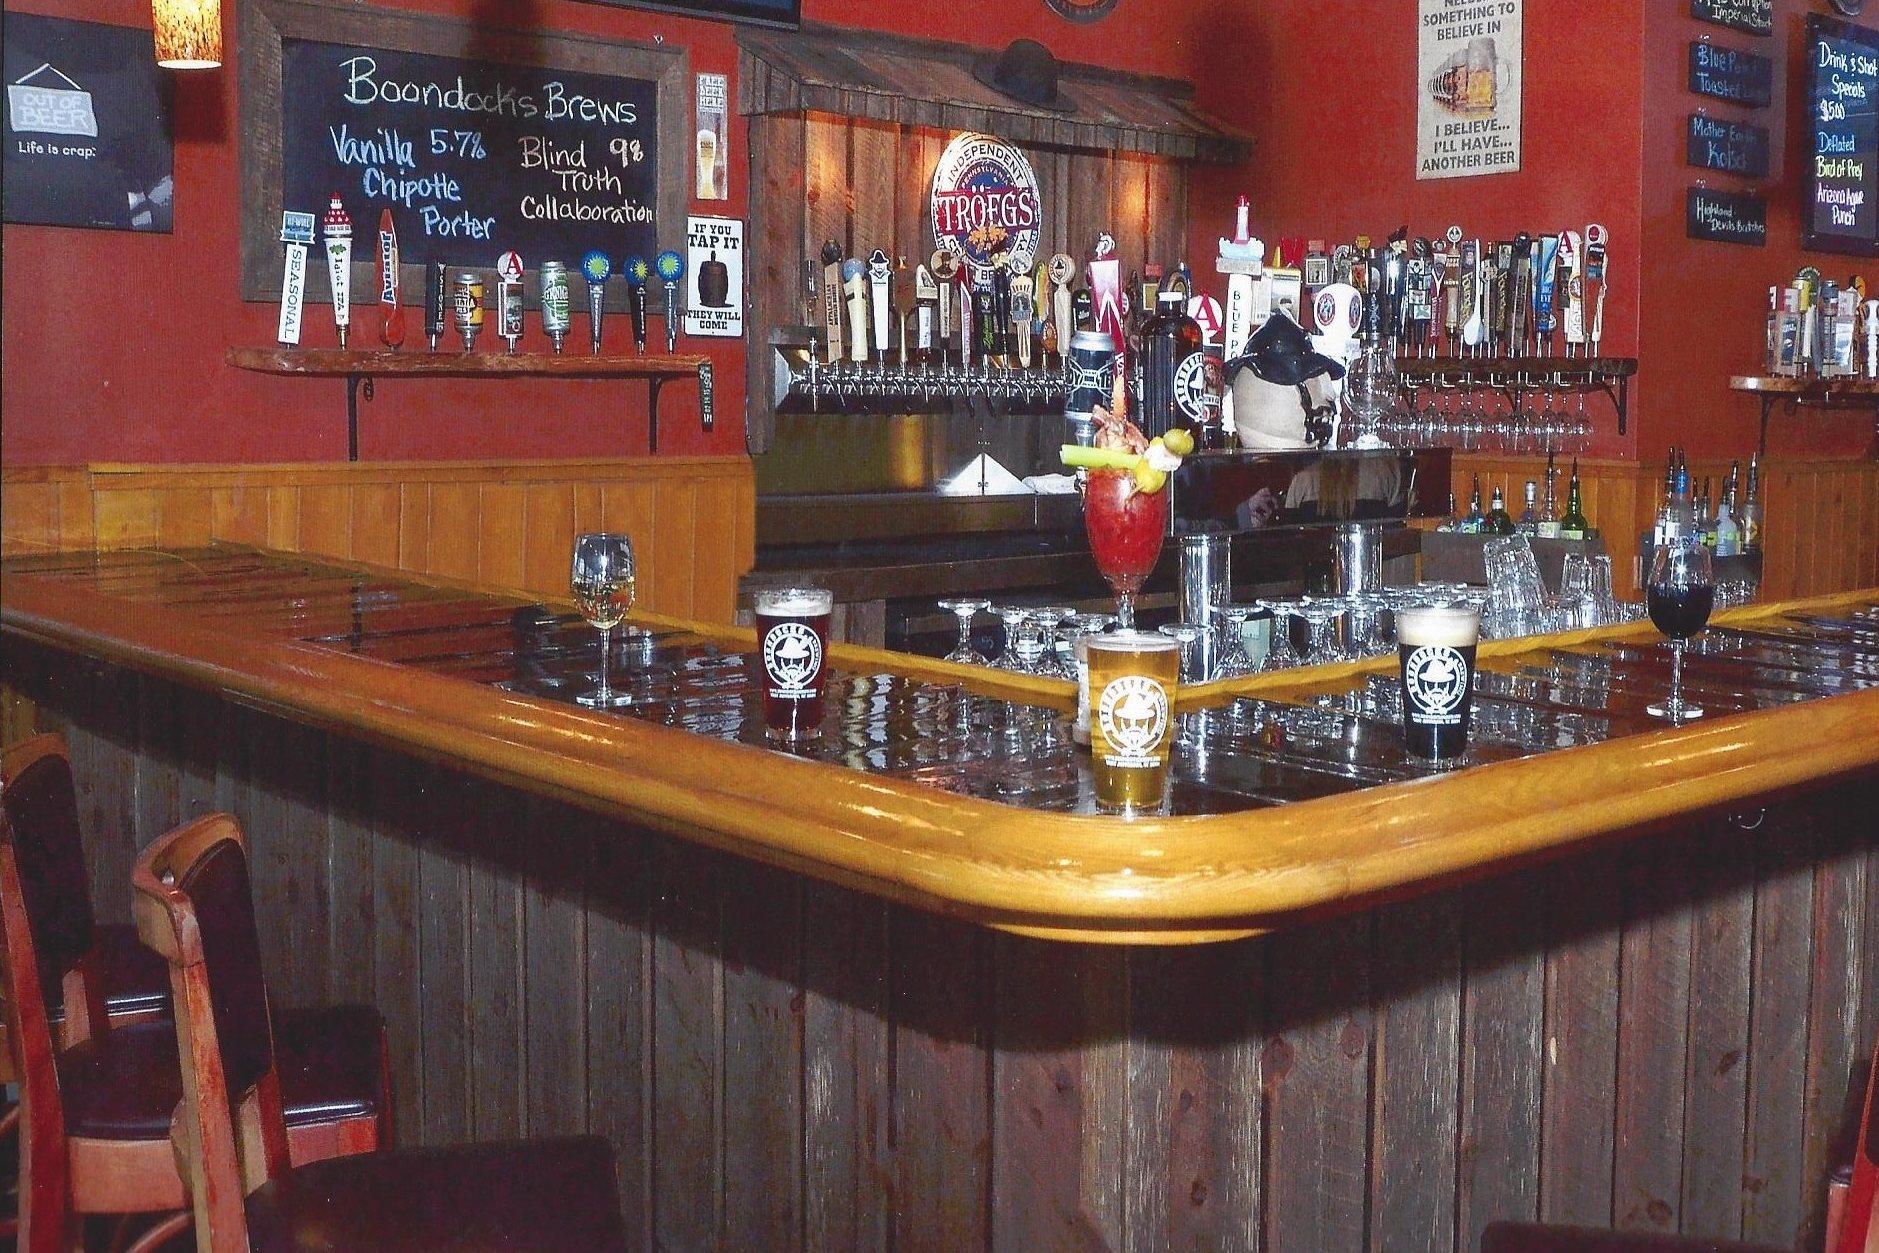 Boondocks Brewing - Tap Room & Restaurant